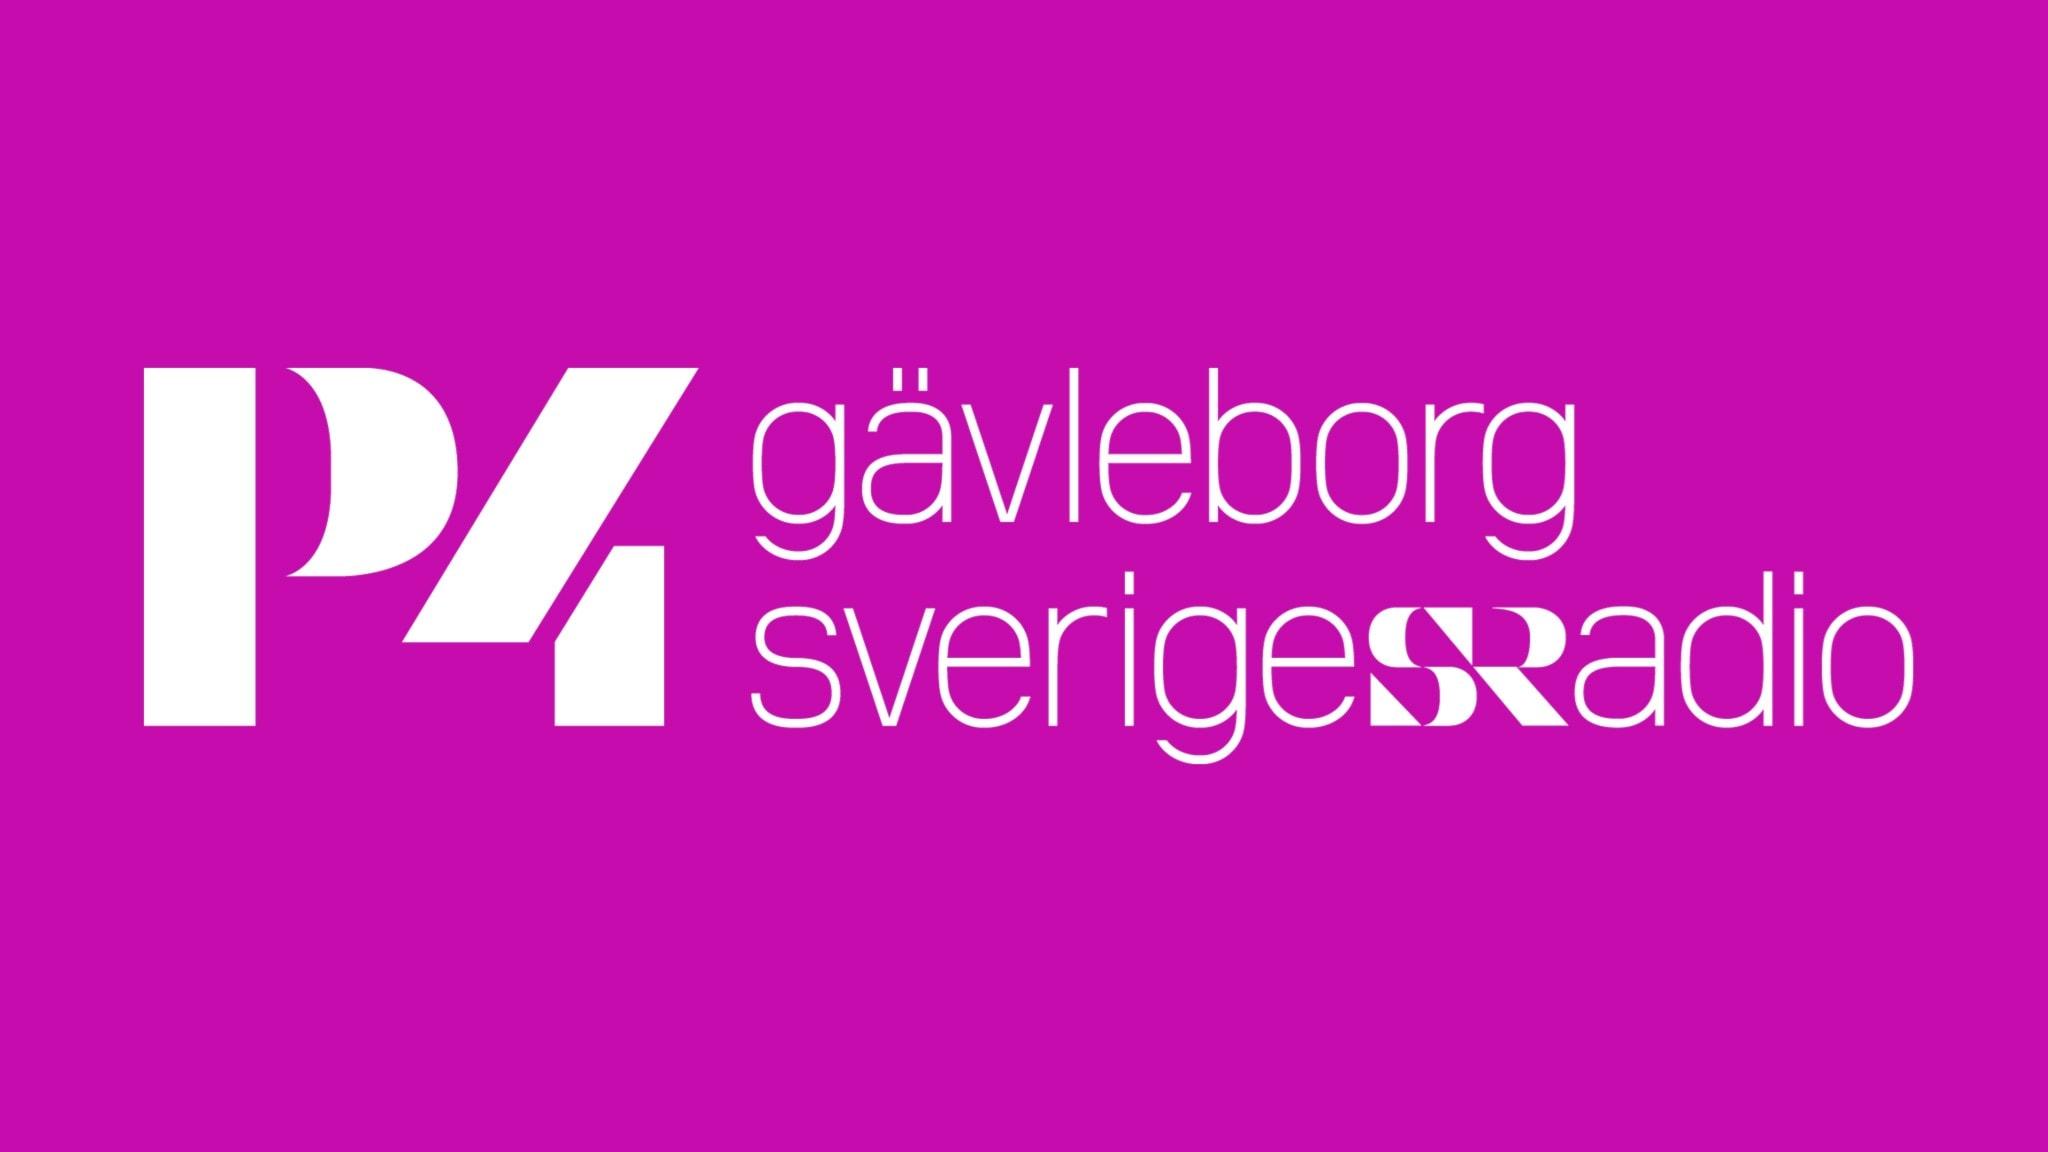 Programbild för Eftermiddag P4 Gävleborg